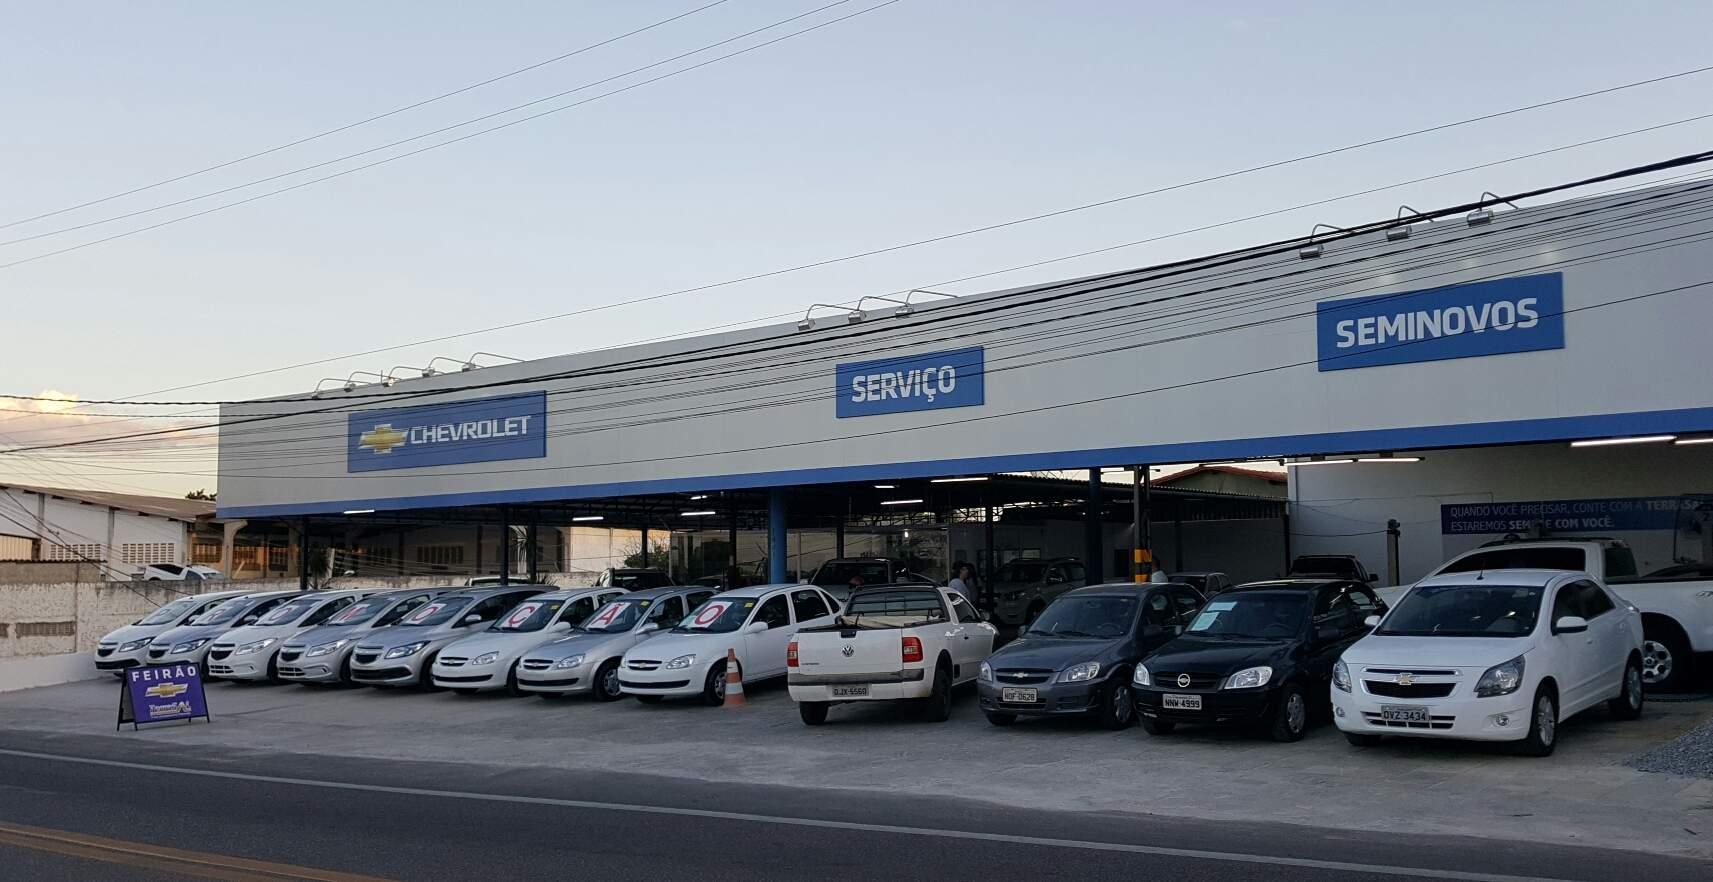 Fachada da concessionária Chevrolet Terrasal. Conheça a história, onde estamos e entre em contato.